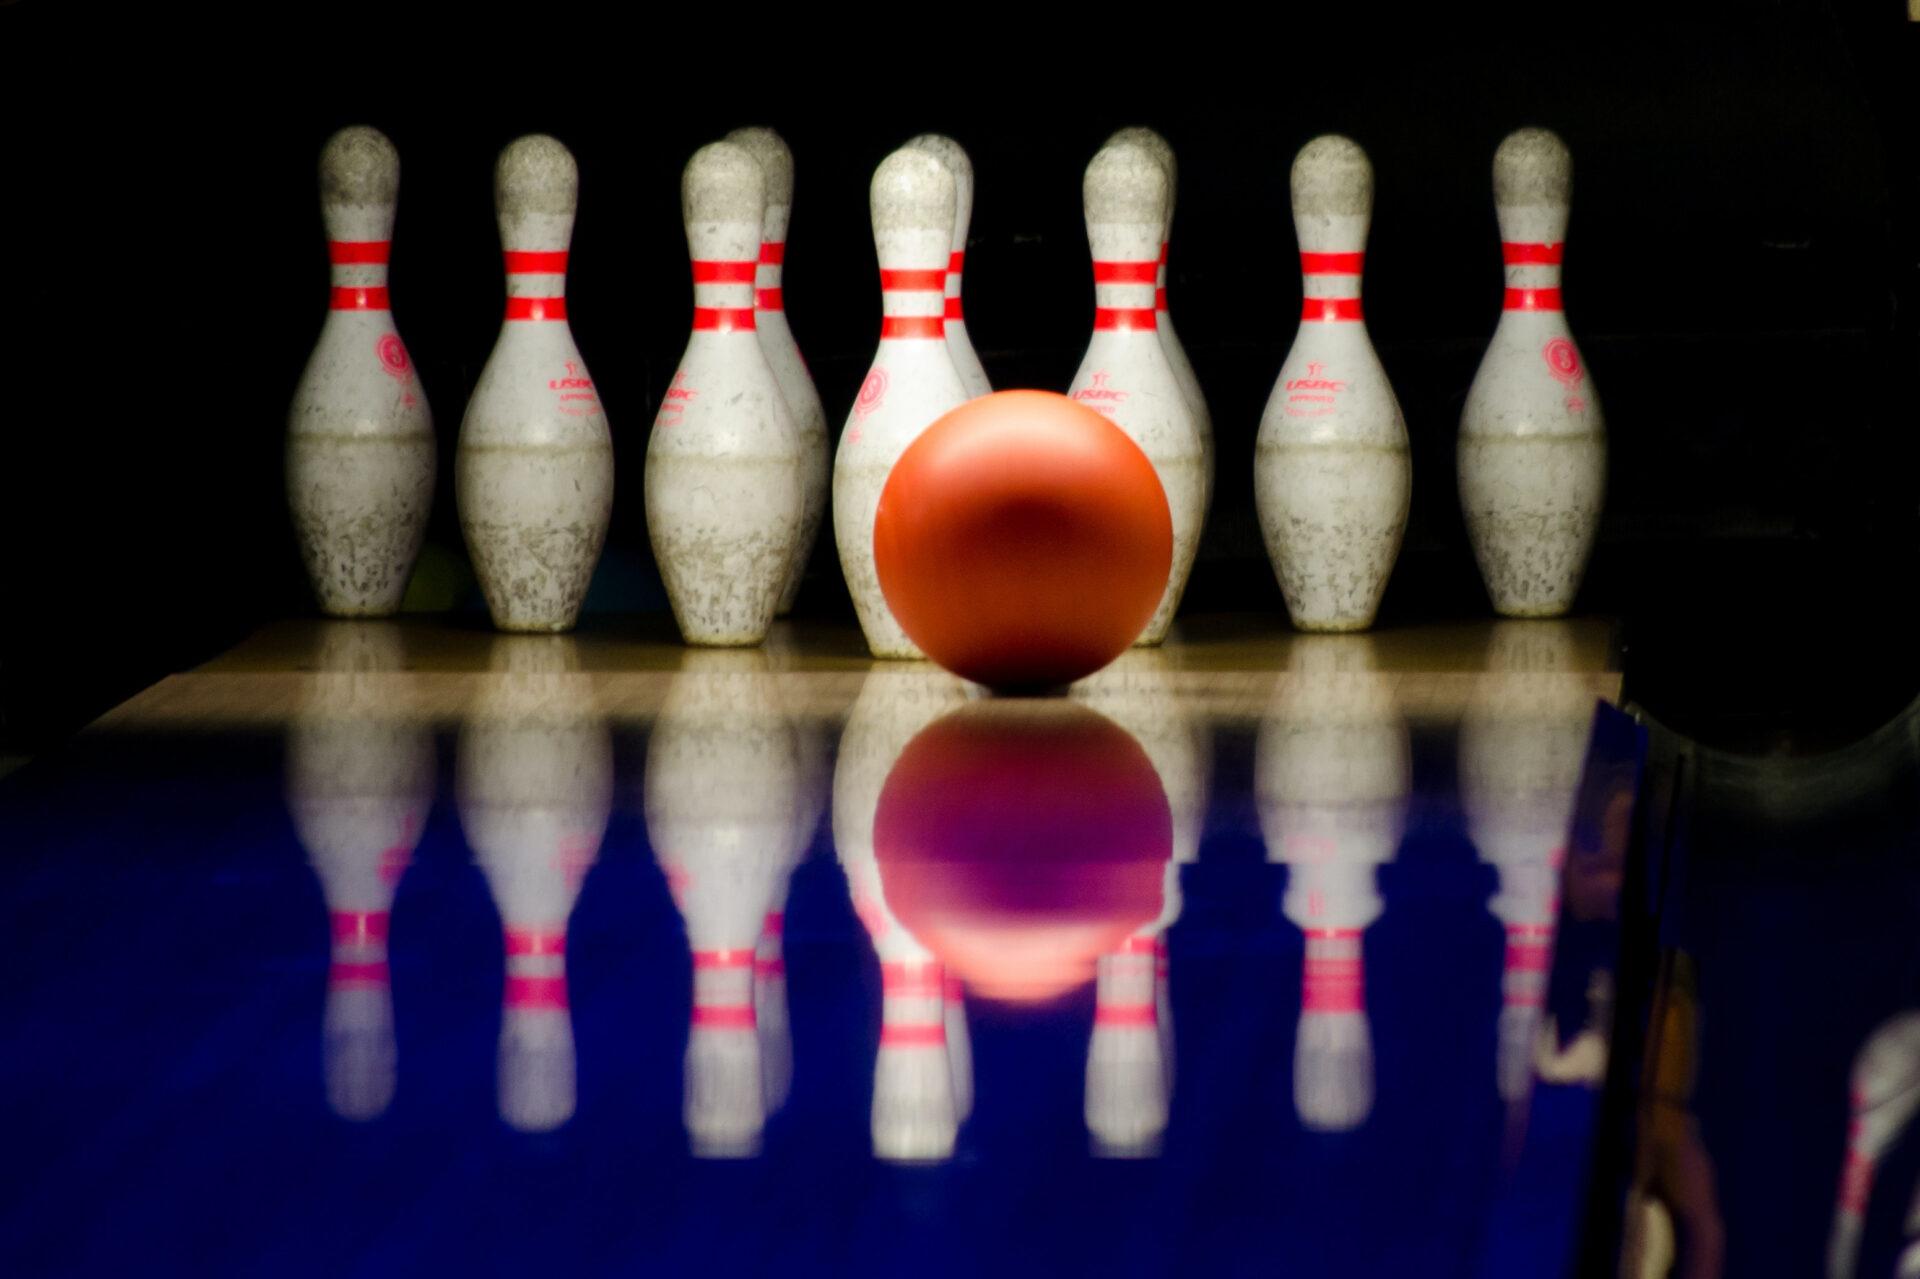 Zdjęcie: Skitterphoto; Źródło: Pexels